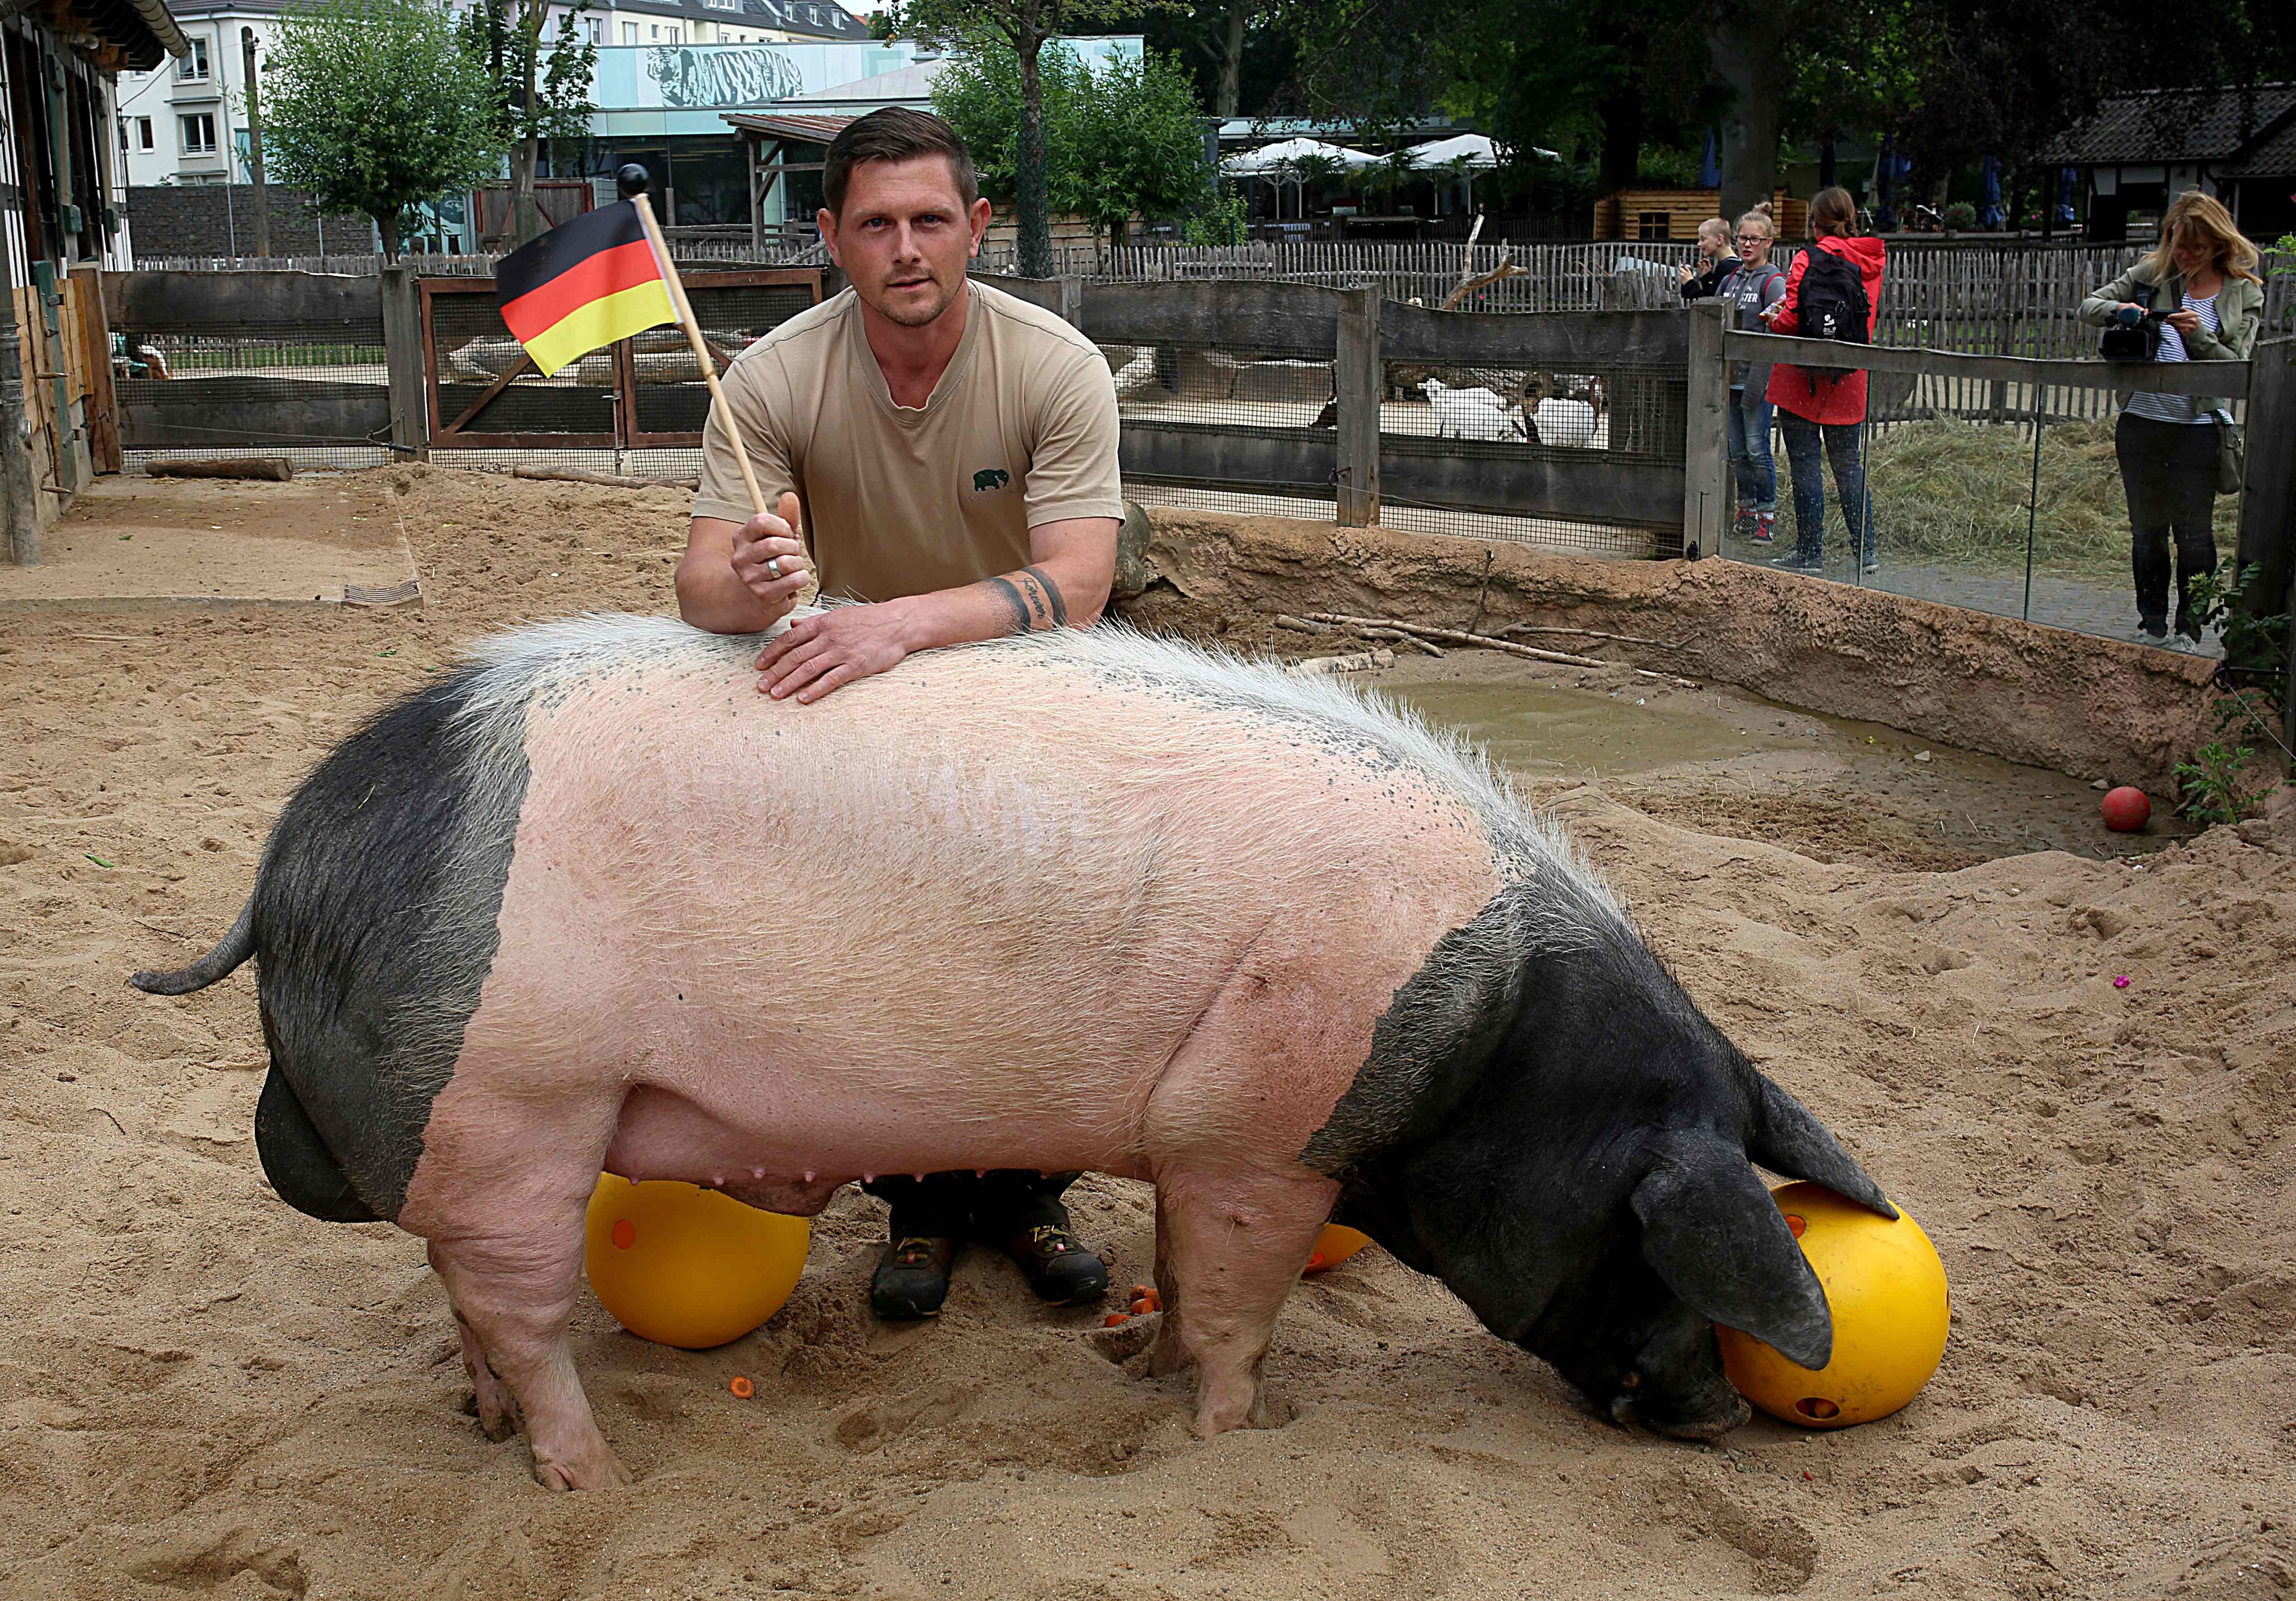 الخنزير هارى يحمل بشرى سارة لمشجعى منتخب ألمانيا